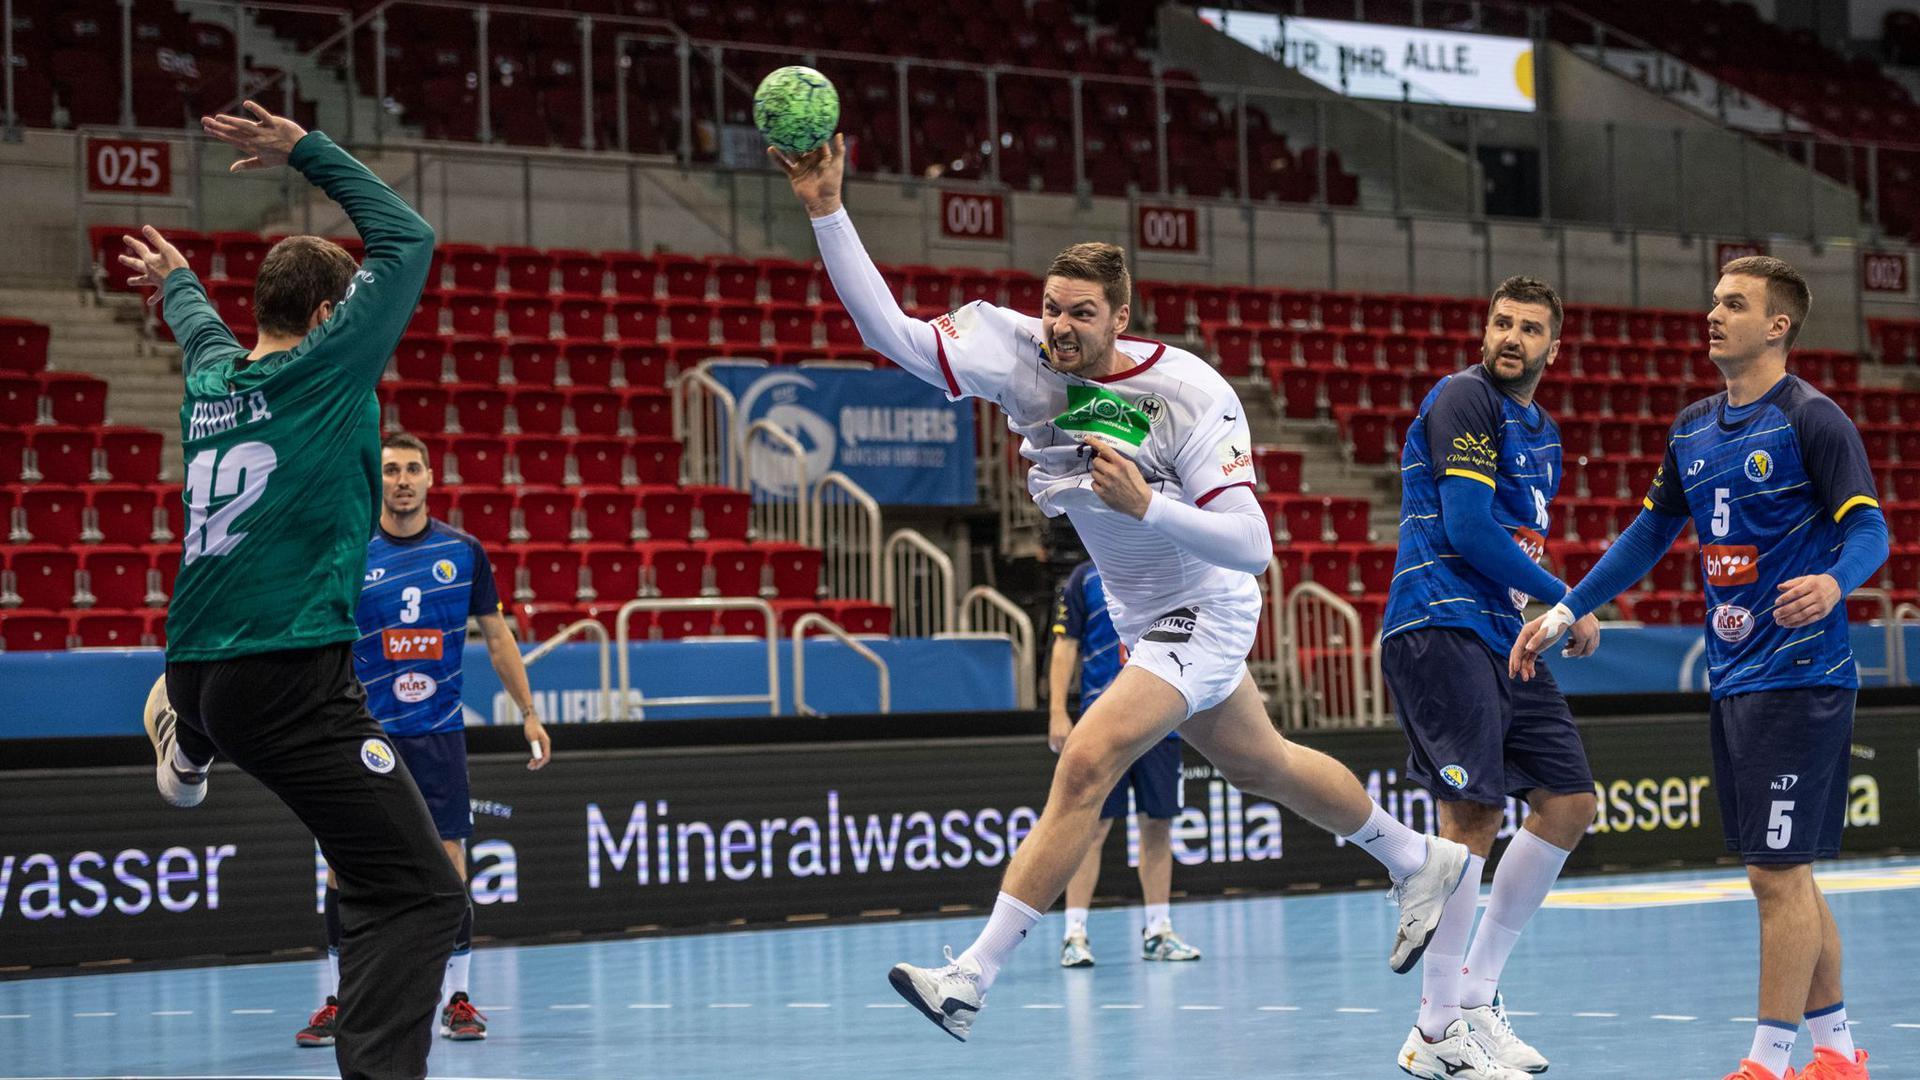 Deutschlands Hendrik Pekeler (M) erzielt gegen Torwart Benjamin Buric von Bosnien-Herzegowina ein Tor.